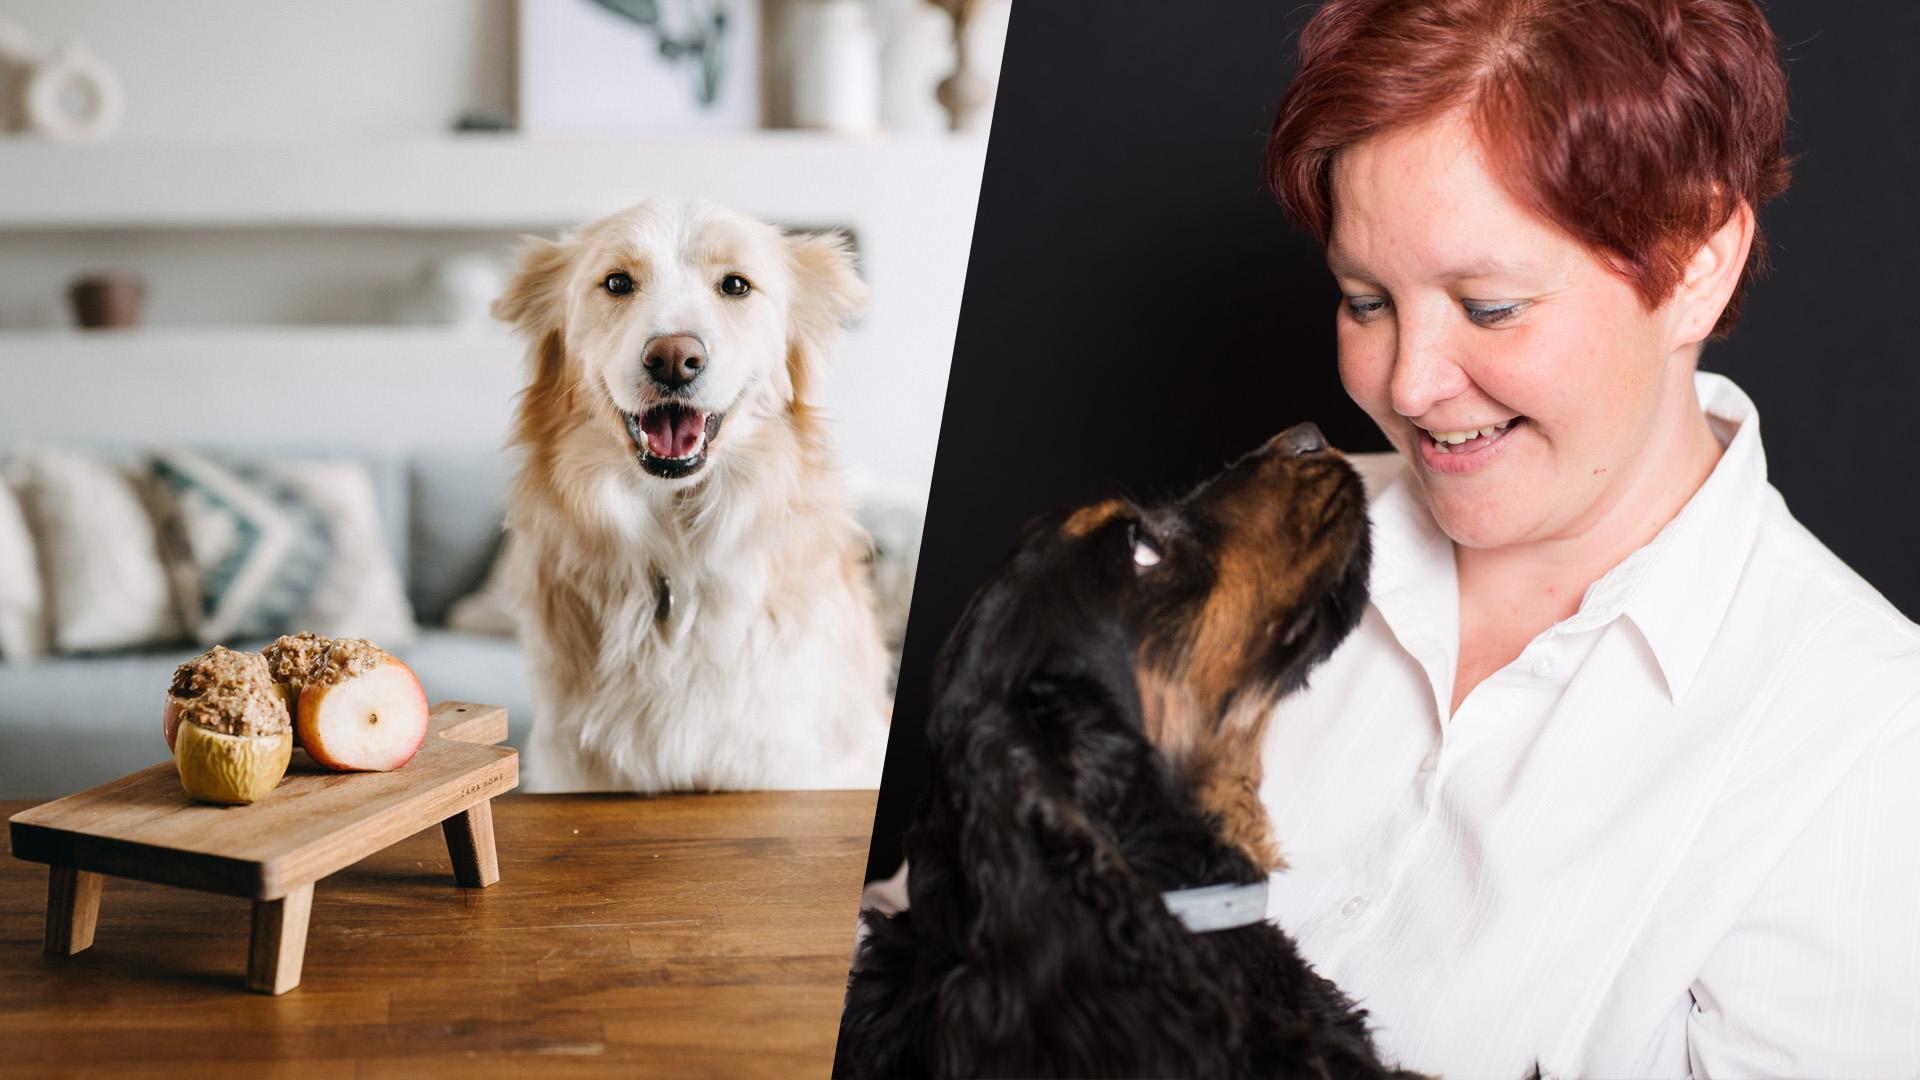 Mi a jó a kutyának: a táp, a nyers hús, házikoszt, vagy esetleg a zöldséggel etetés?